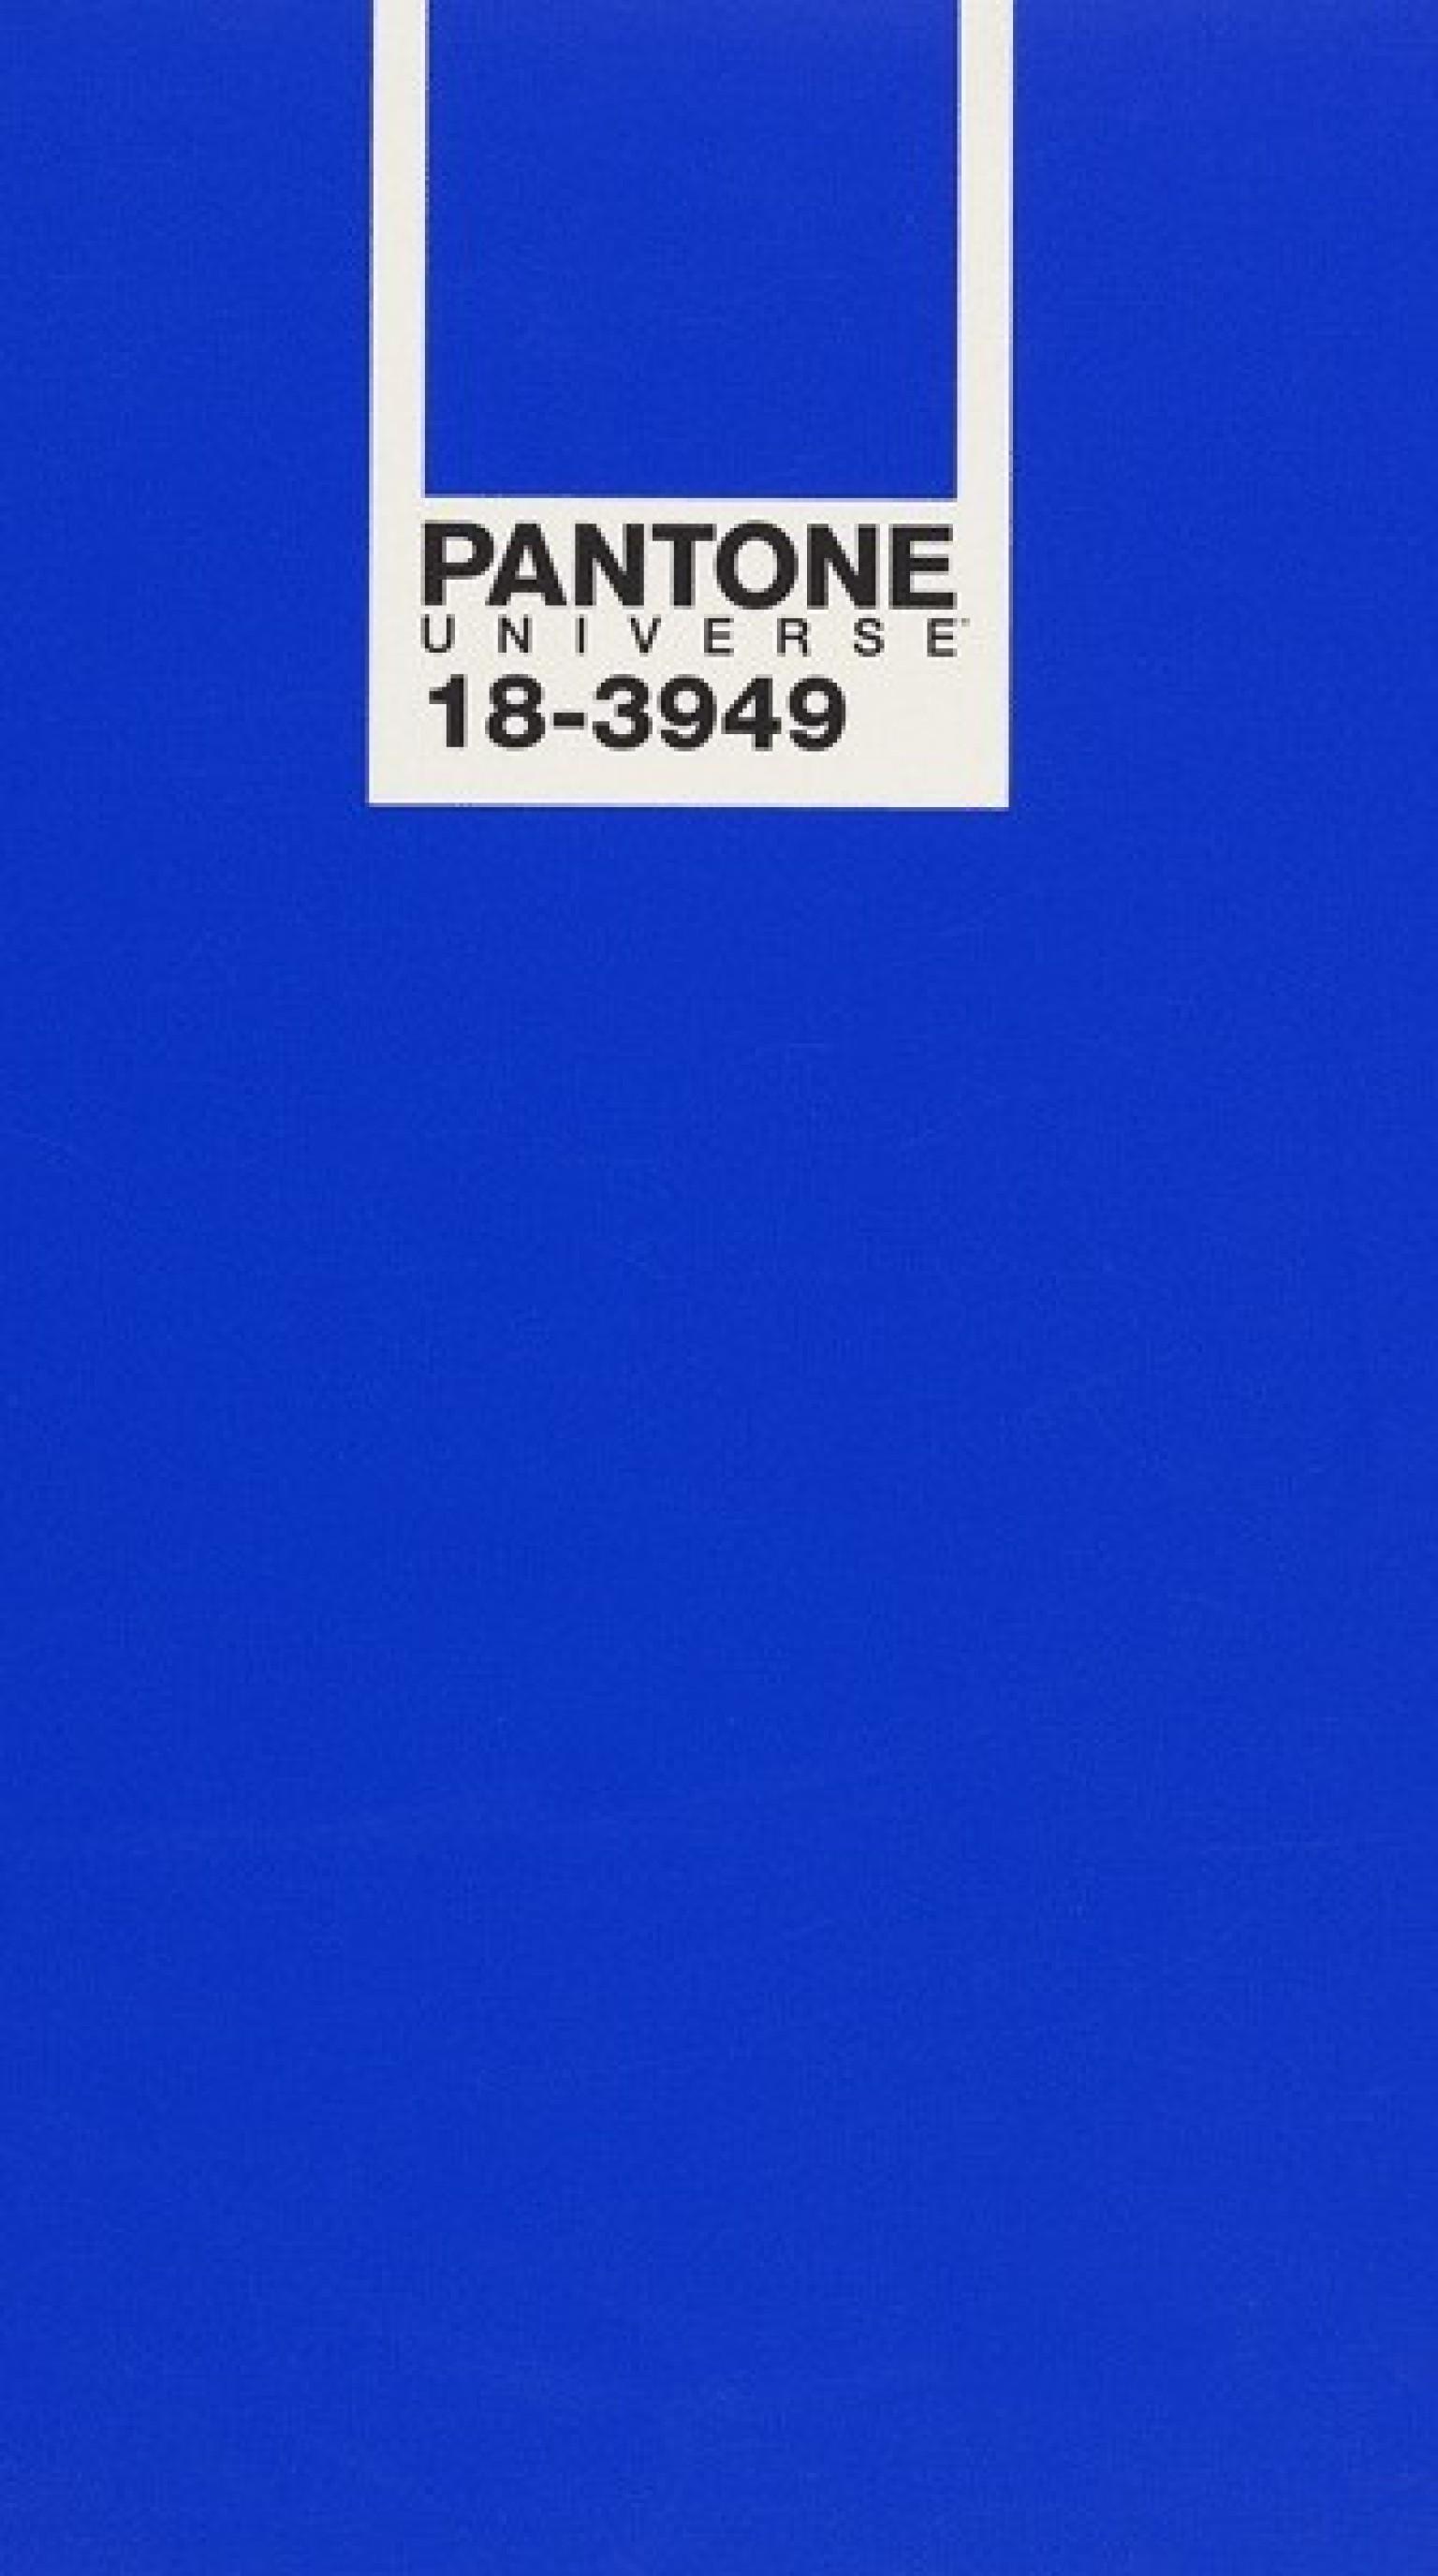 Bleu royal, la couleur de l'année 2014 selon Pantone